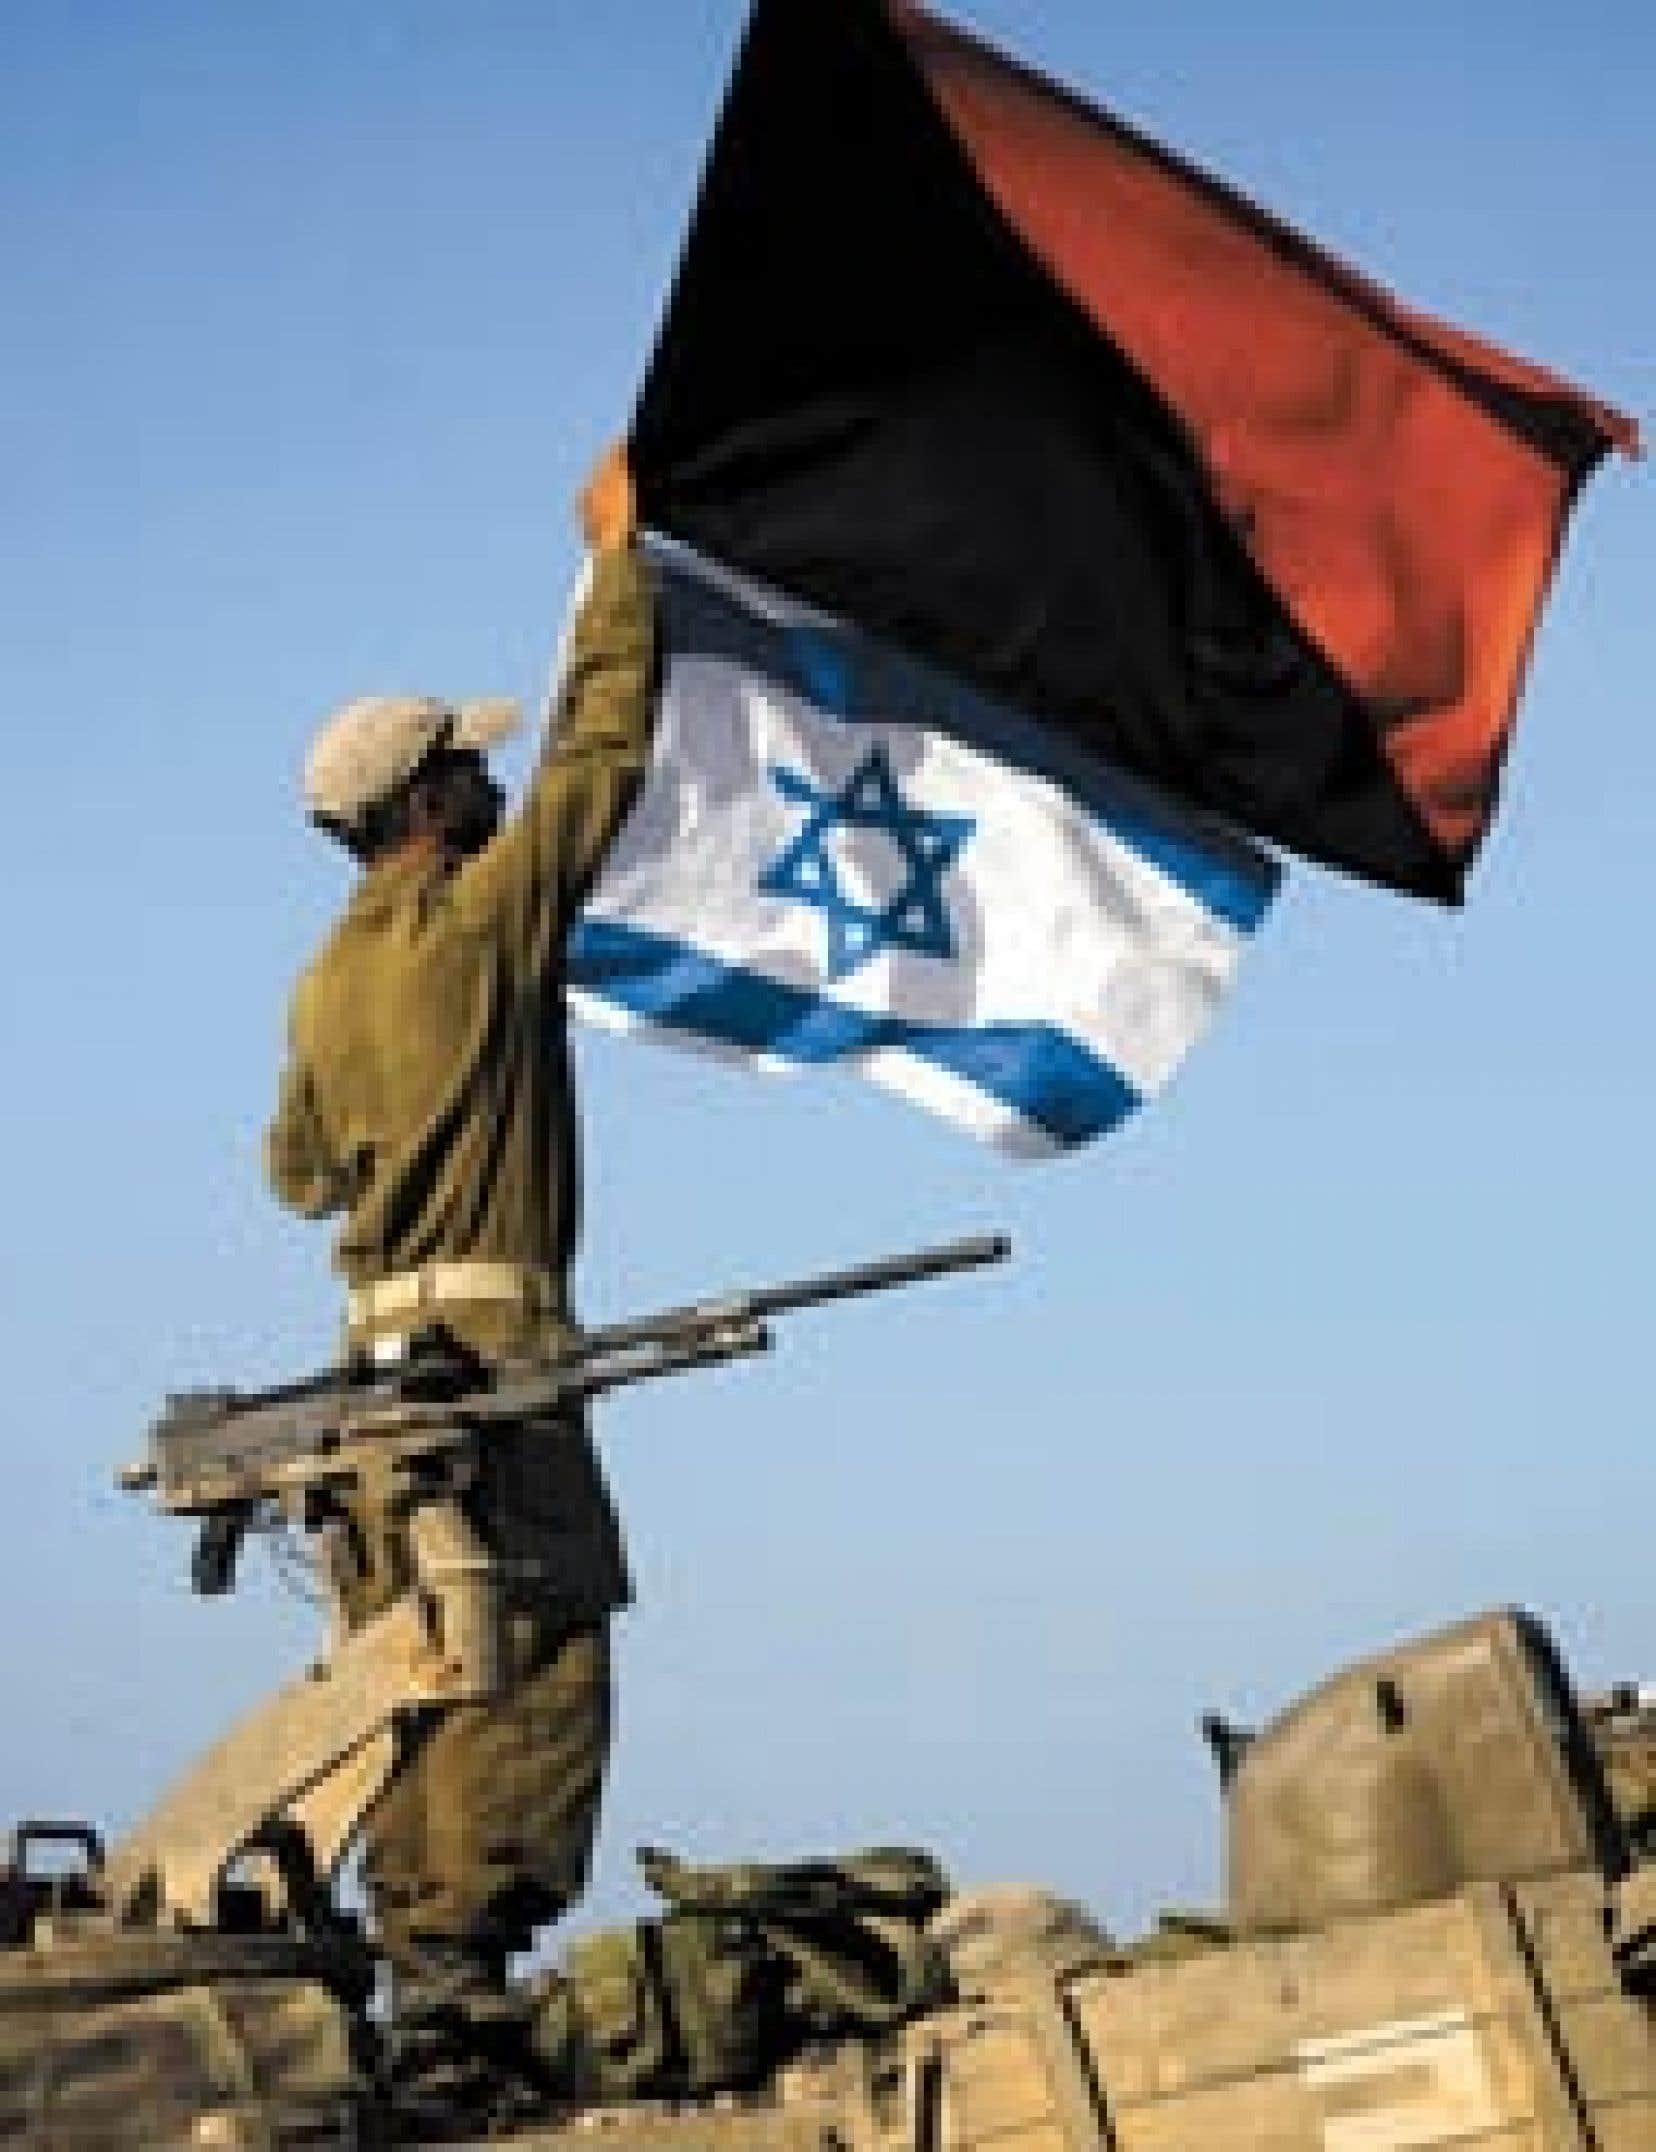 Massée à la frontière de la bande de Gaza, l'armée israélienne est fin prête à lancer une offensive terrestre. Hier, l'artillerie a même procédé à des tirs d'essai près de la frontière.